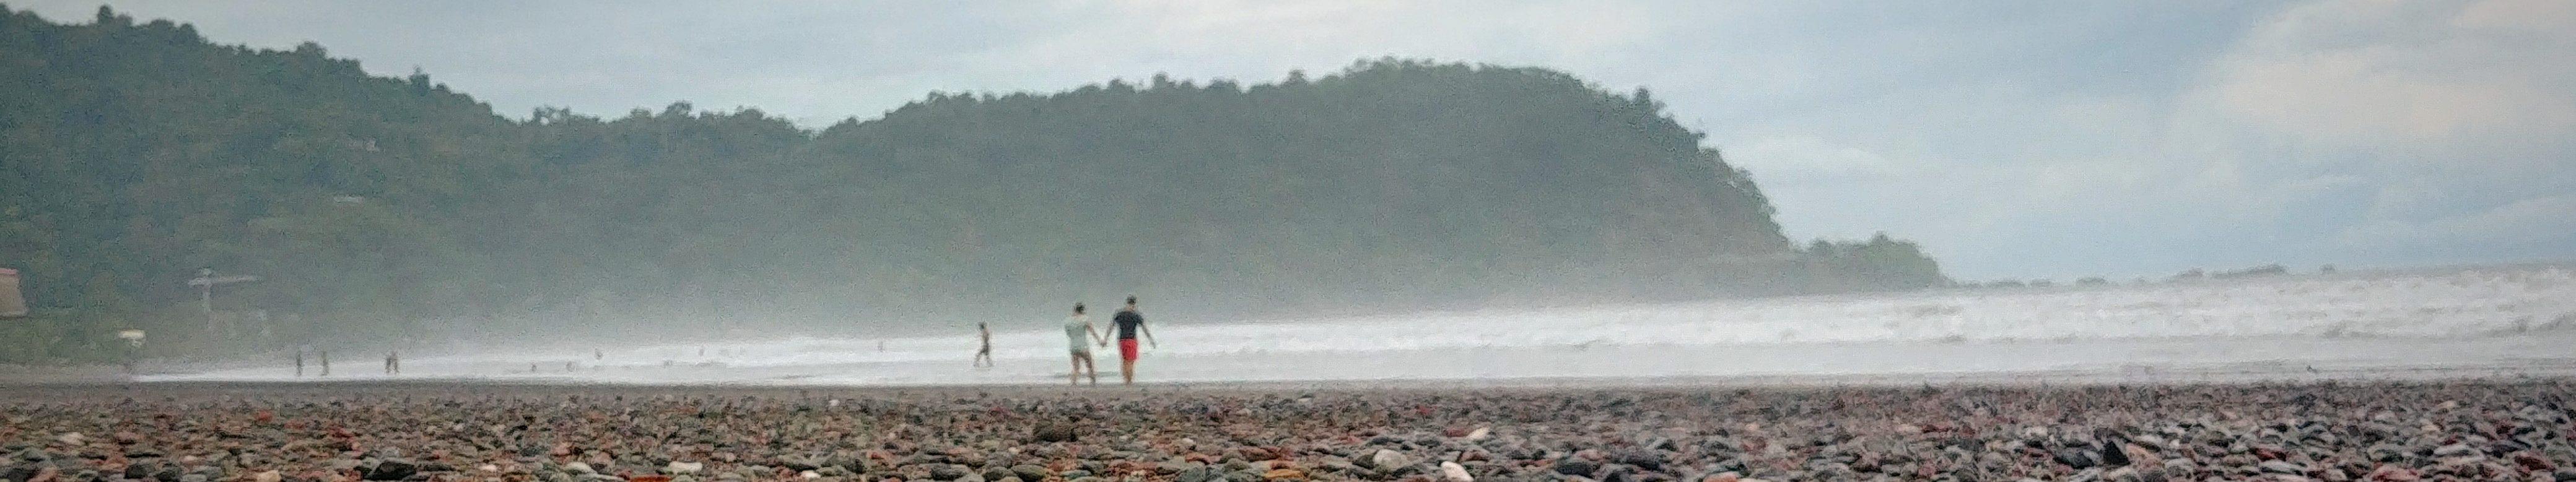 plage jaco costa rica voyage surf vacance